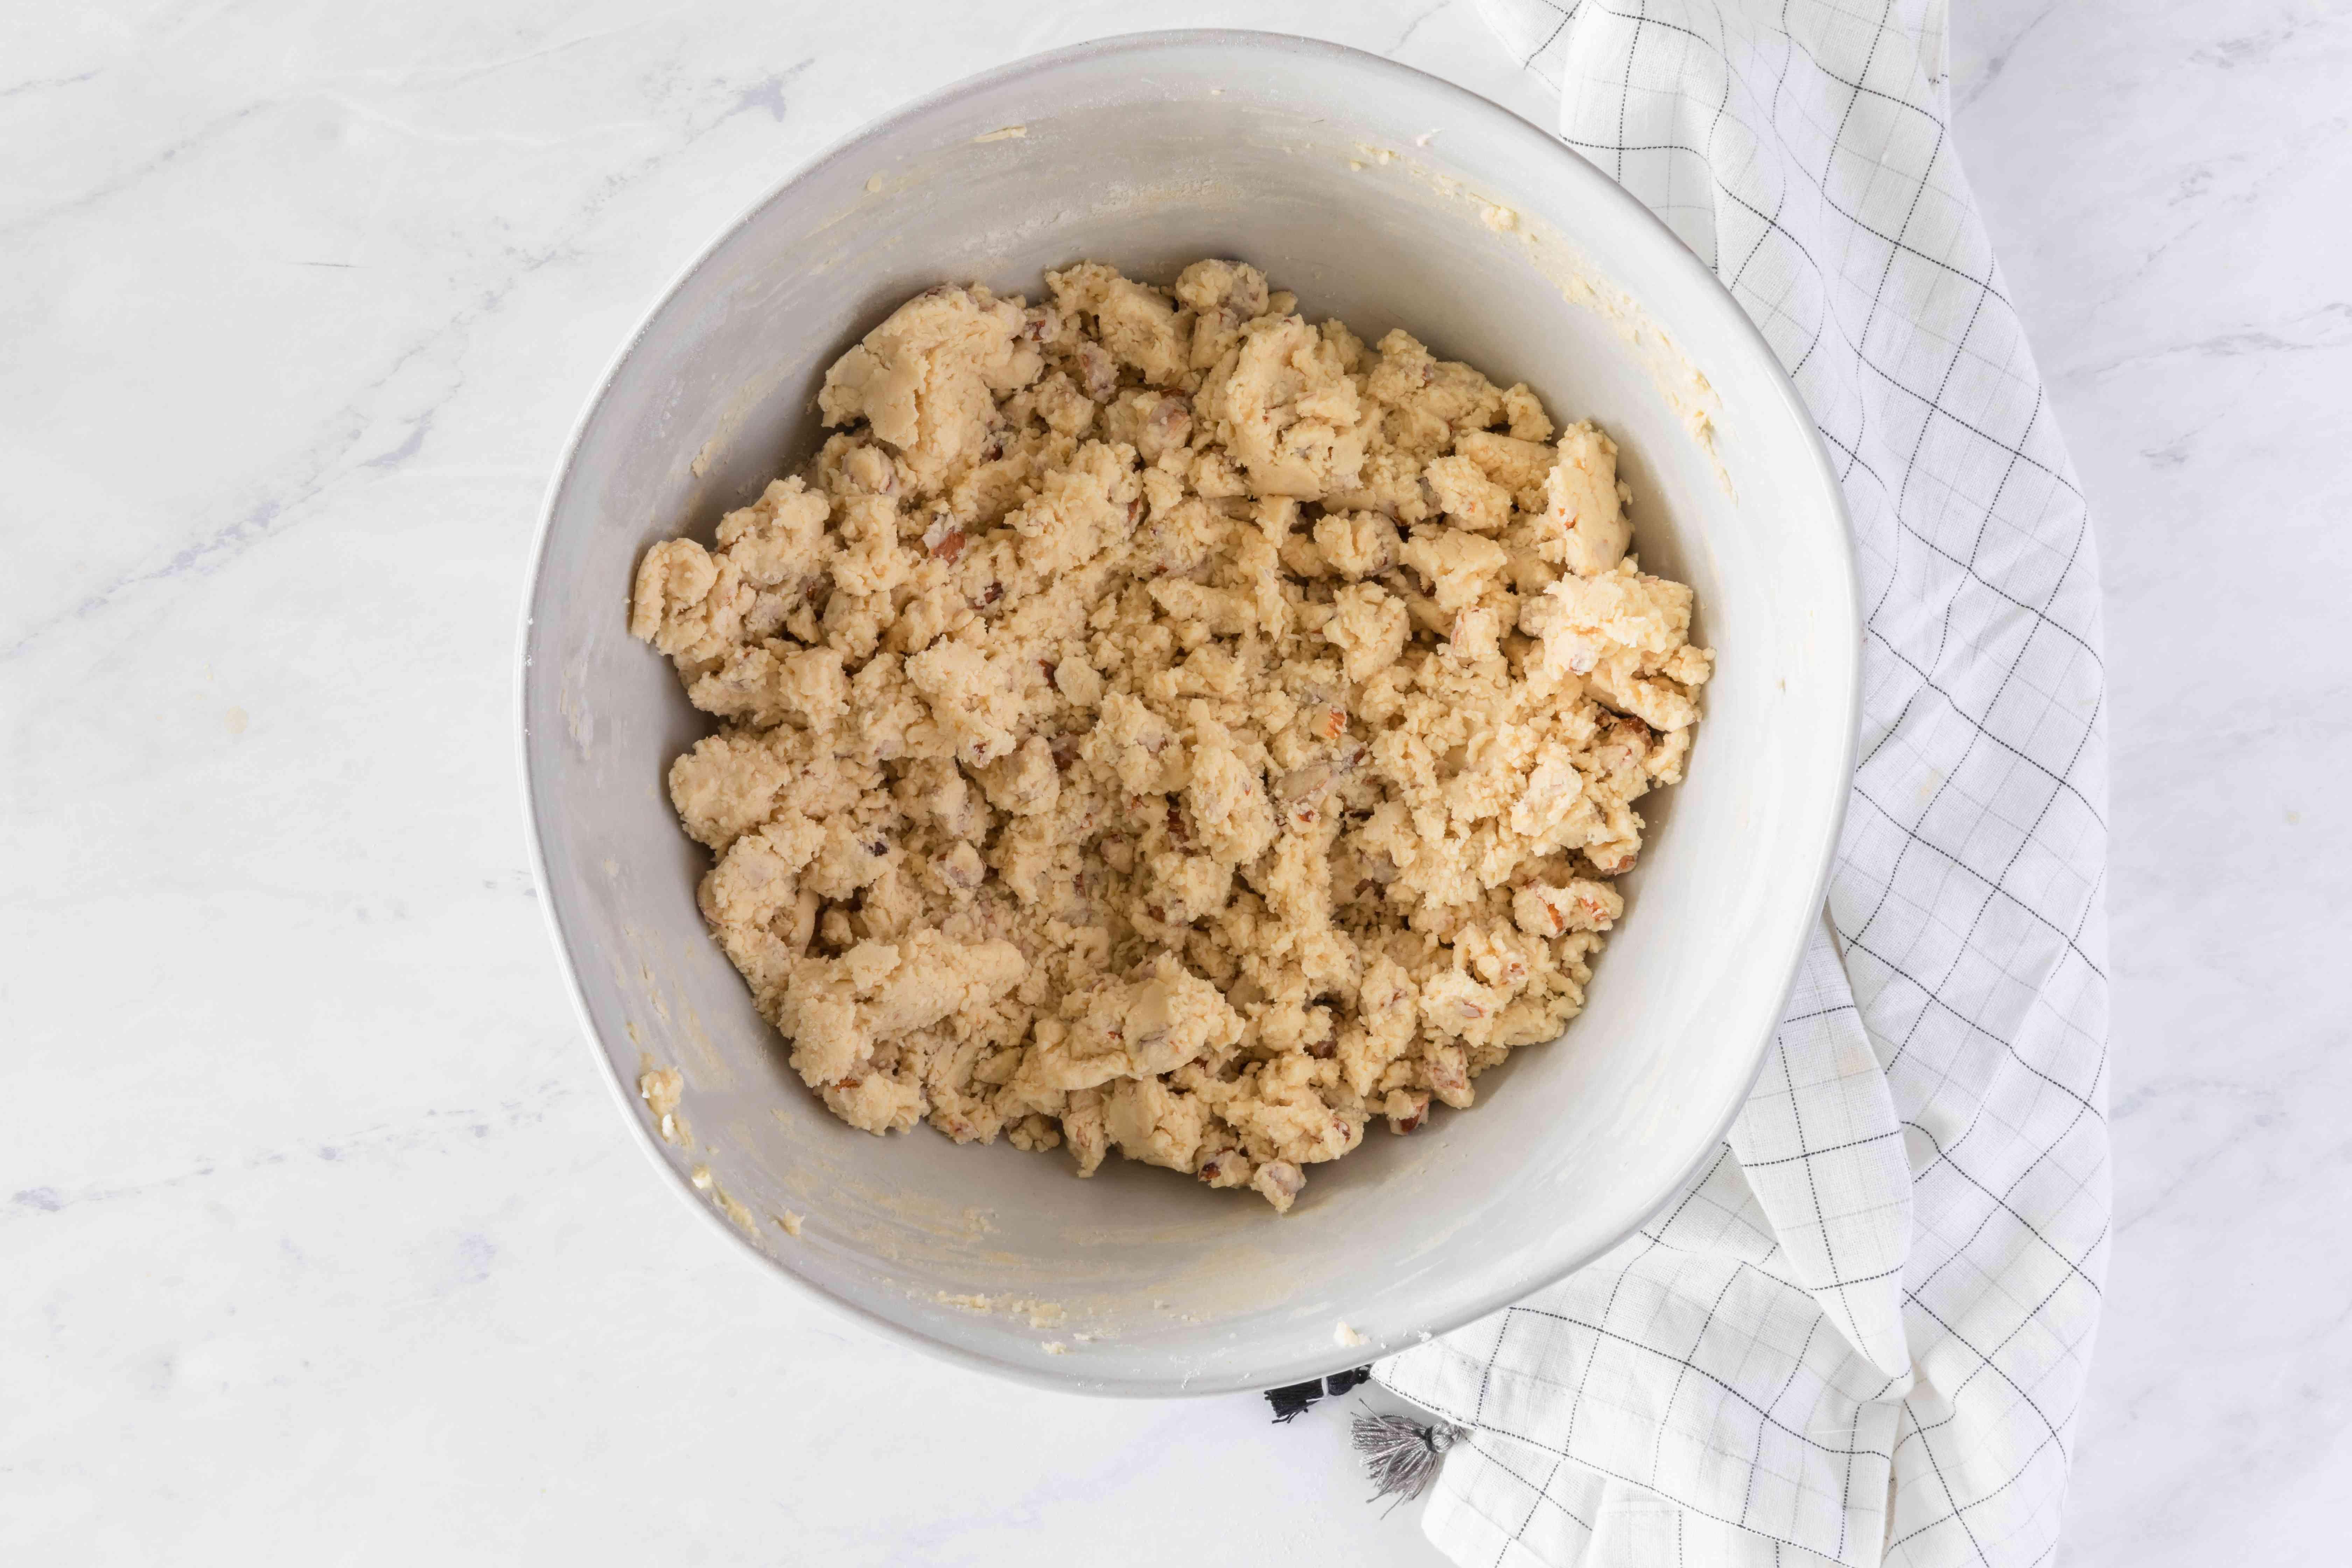 Add chopped almonds